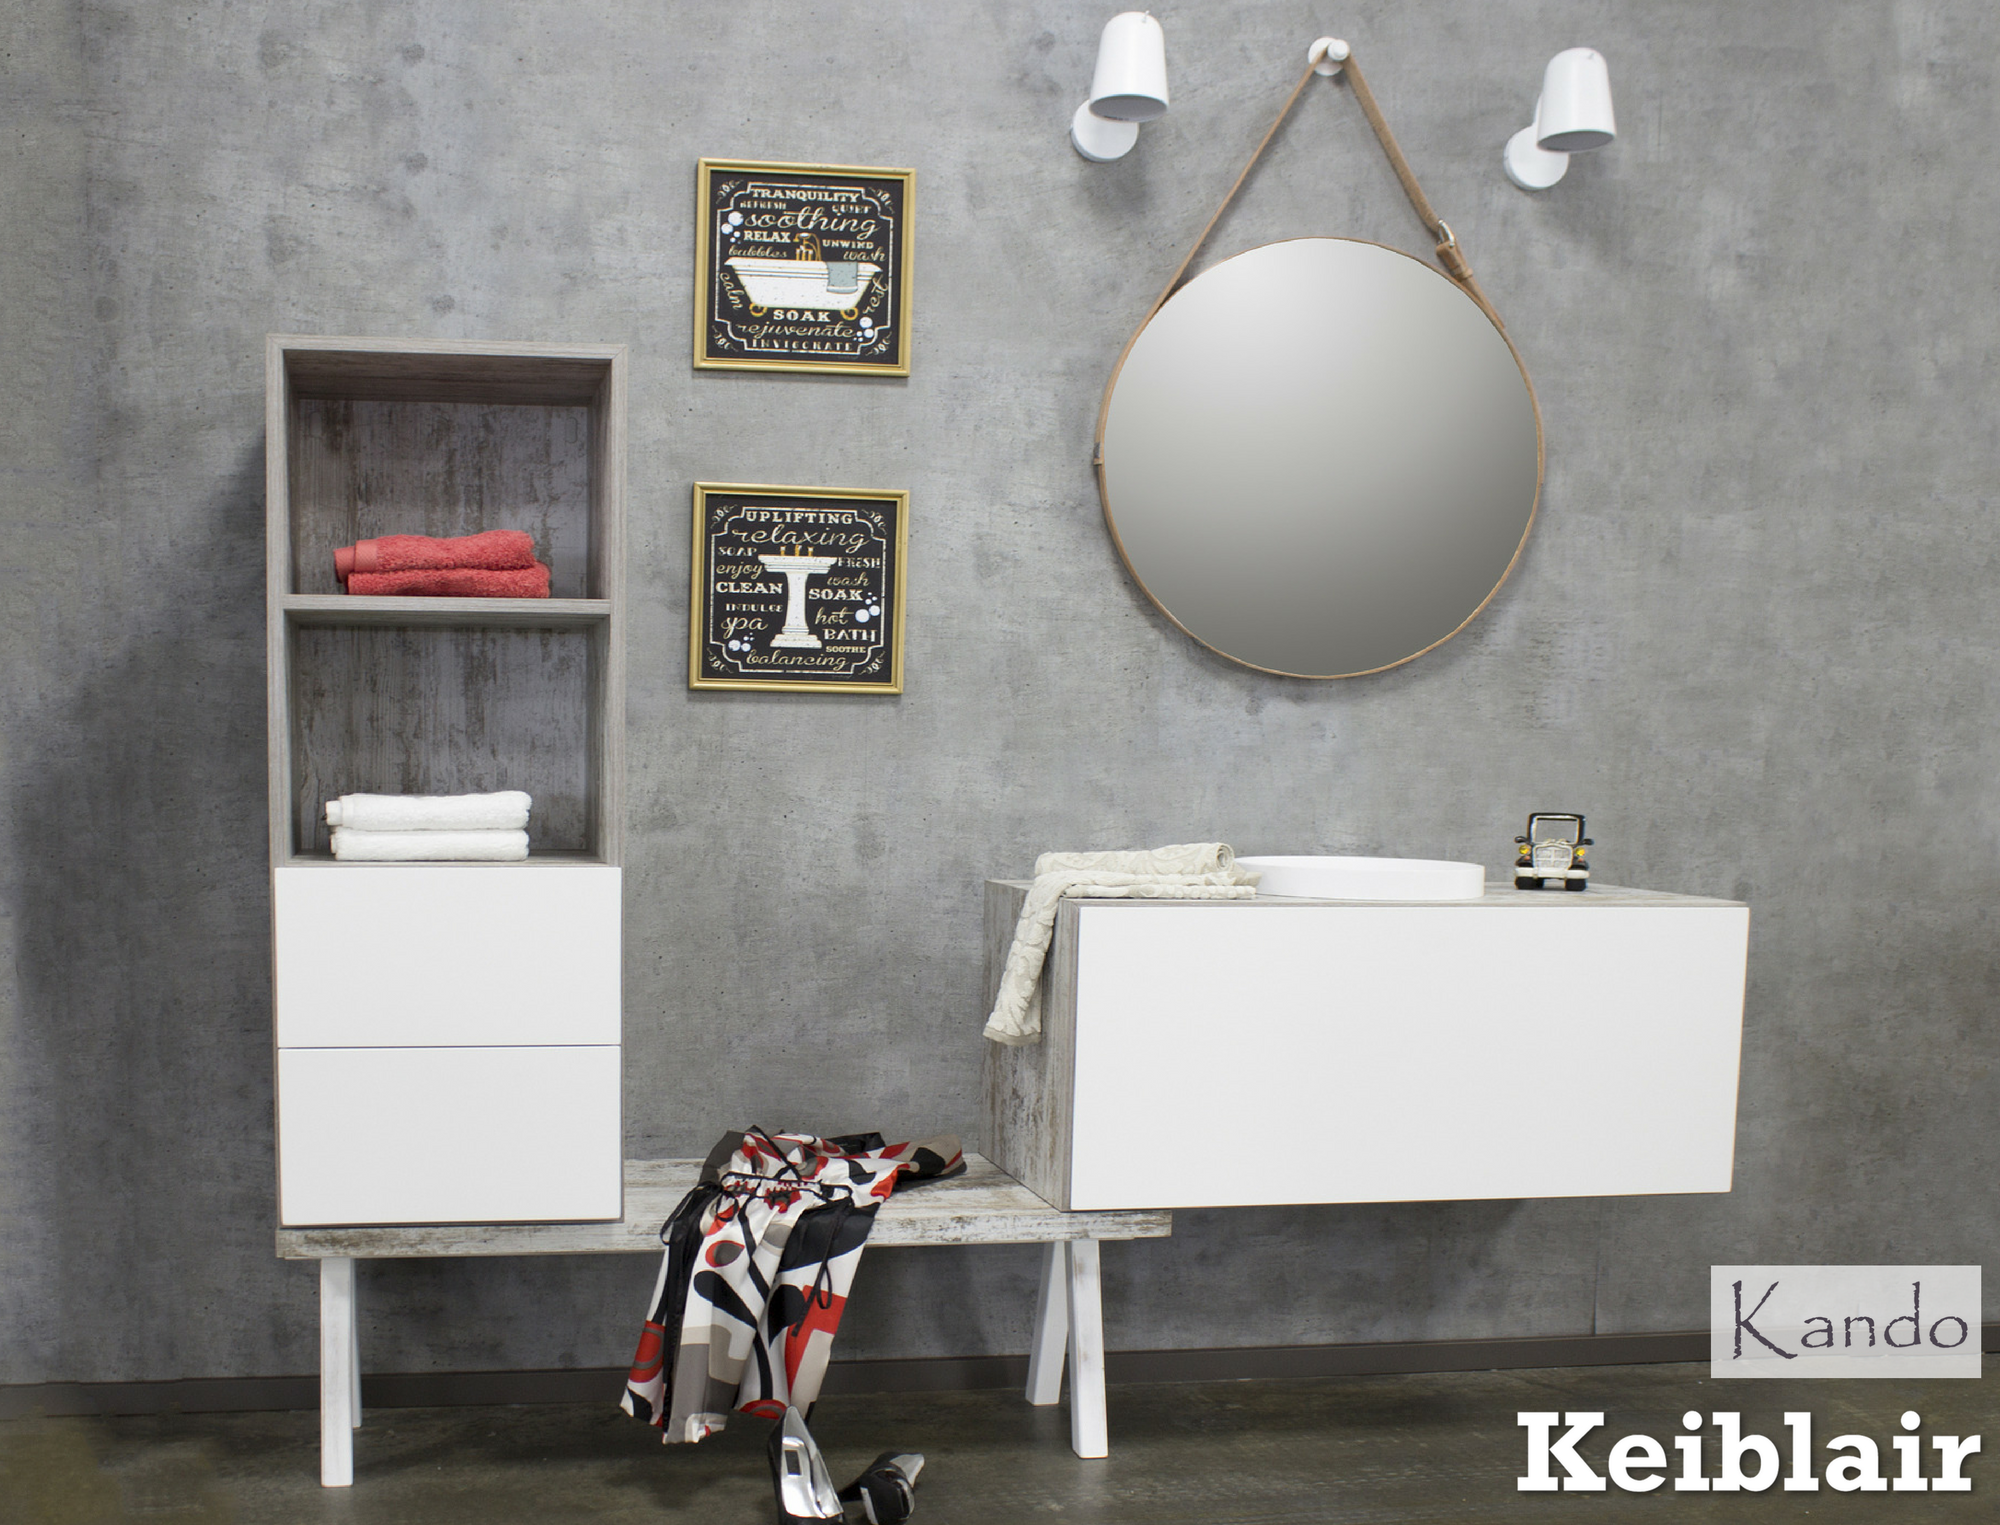 Keiblair,muebles de baño,muebles a medida,reforma de baño,bano muebles,muebles de bano,keiblair tres cantos